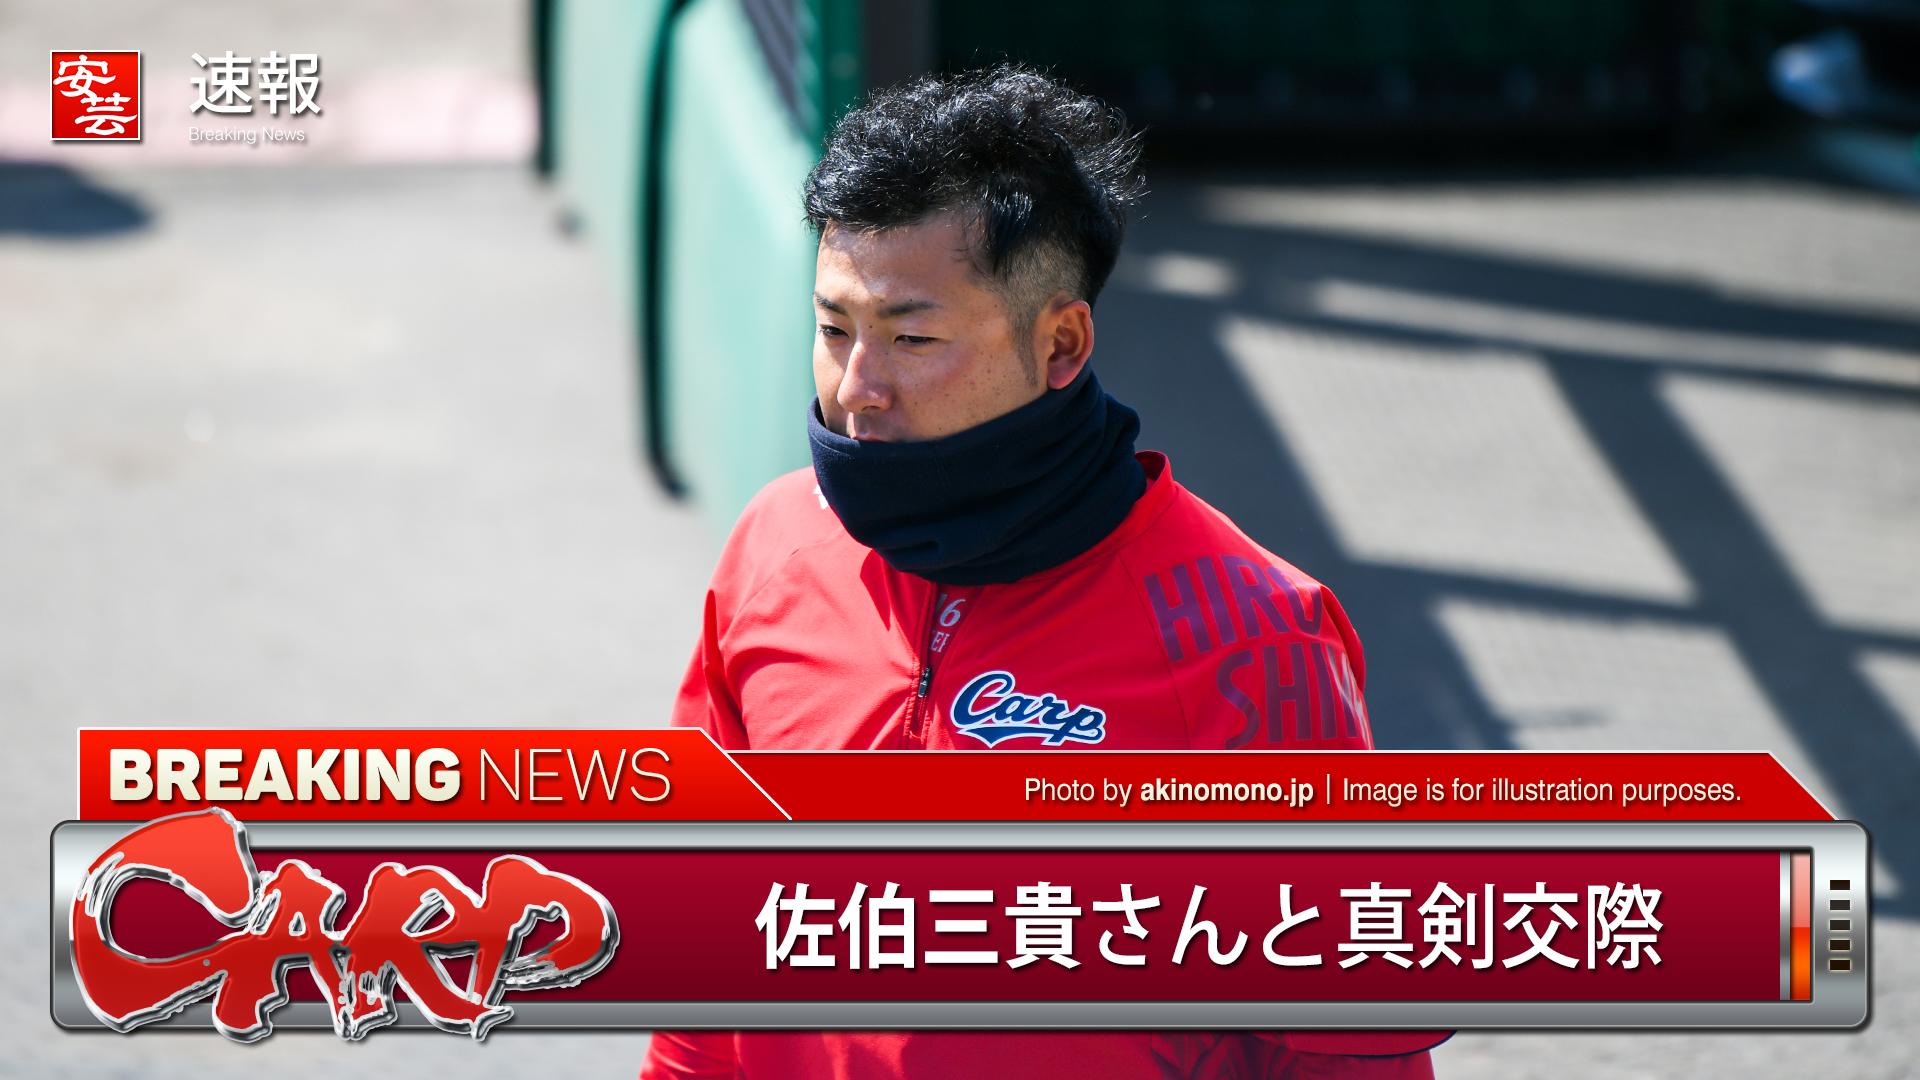 今村猛投手、広島出身の女子プロゴルファー・佐伯三貴さんと真剣